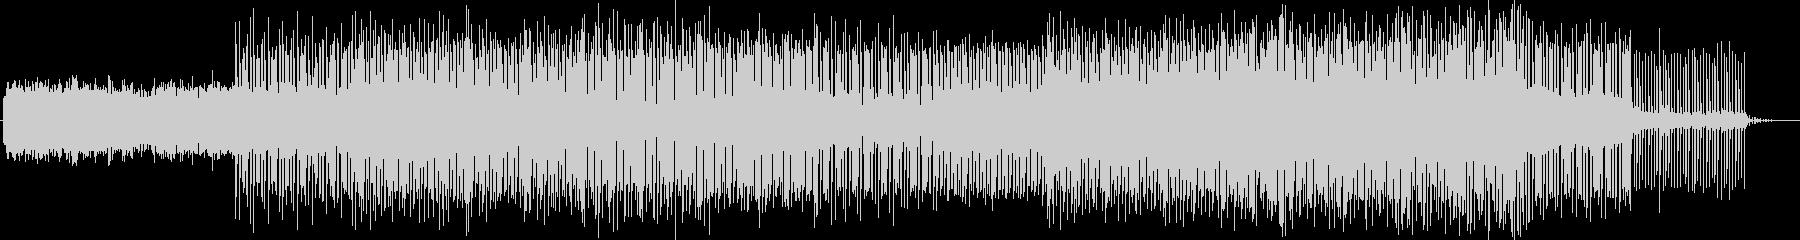 幻想的で疾走感のあるテクノ音楽の未再生の波形